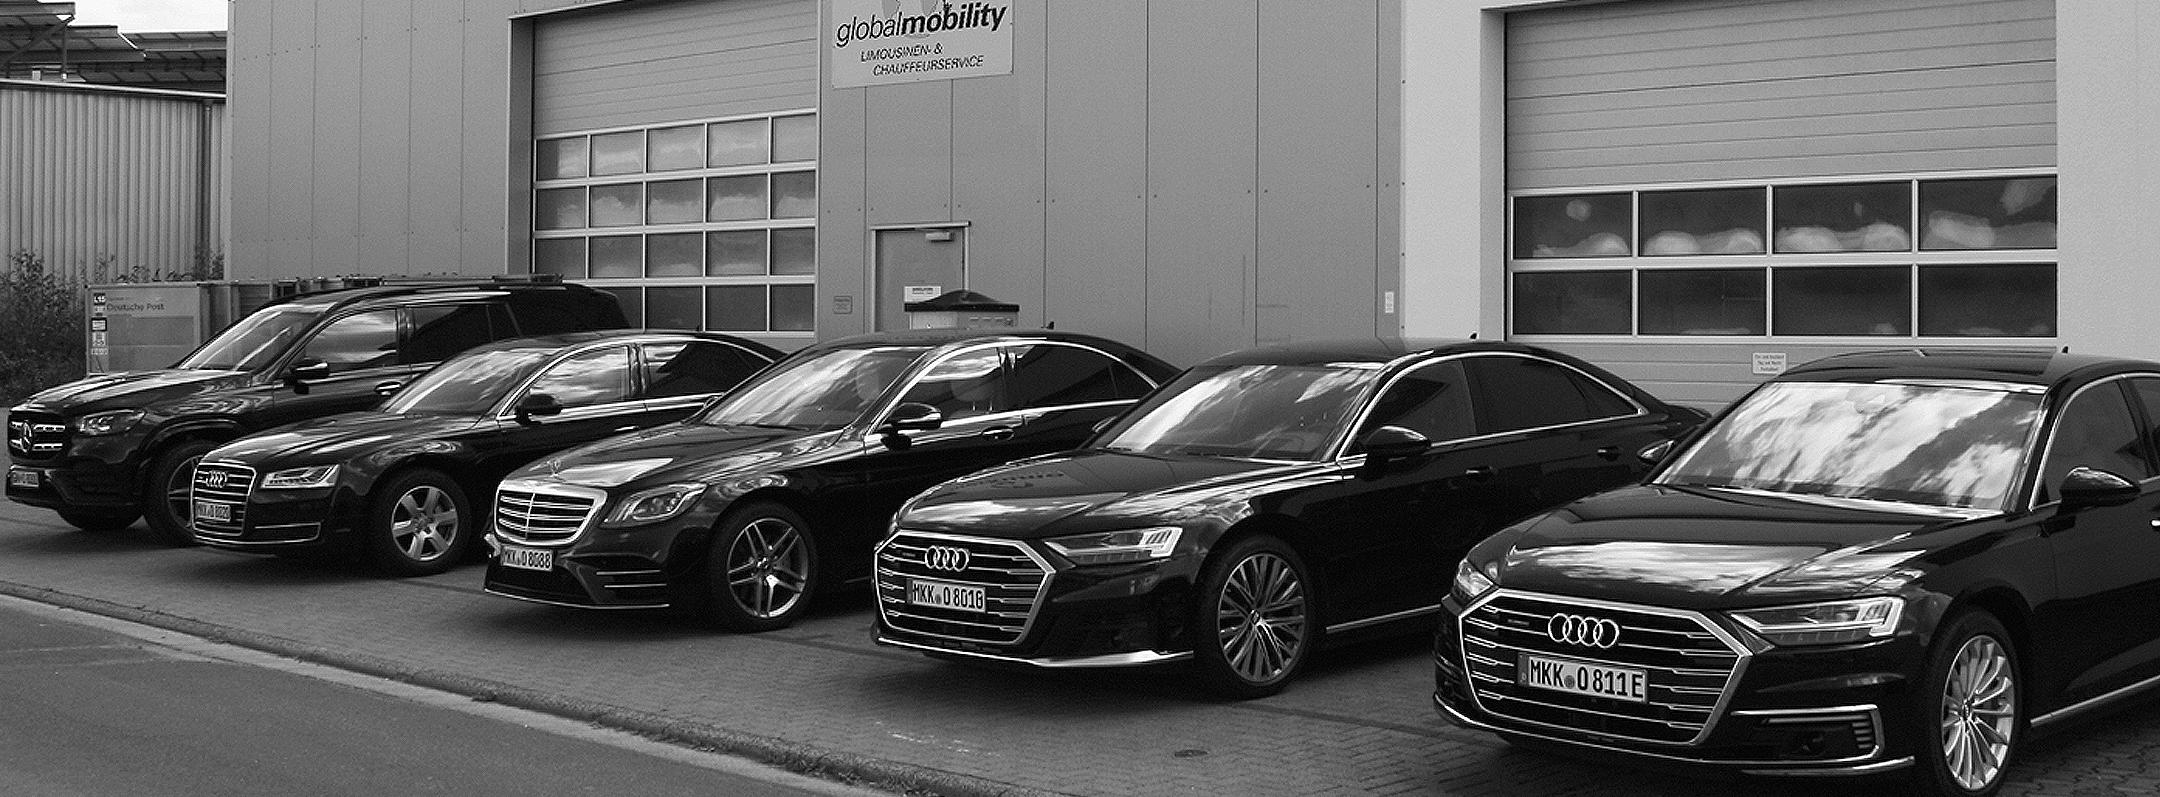 Die nachhaltigen E-Fahrzeuge von Global Mobility